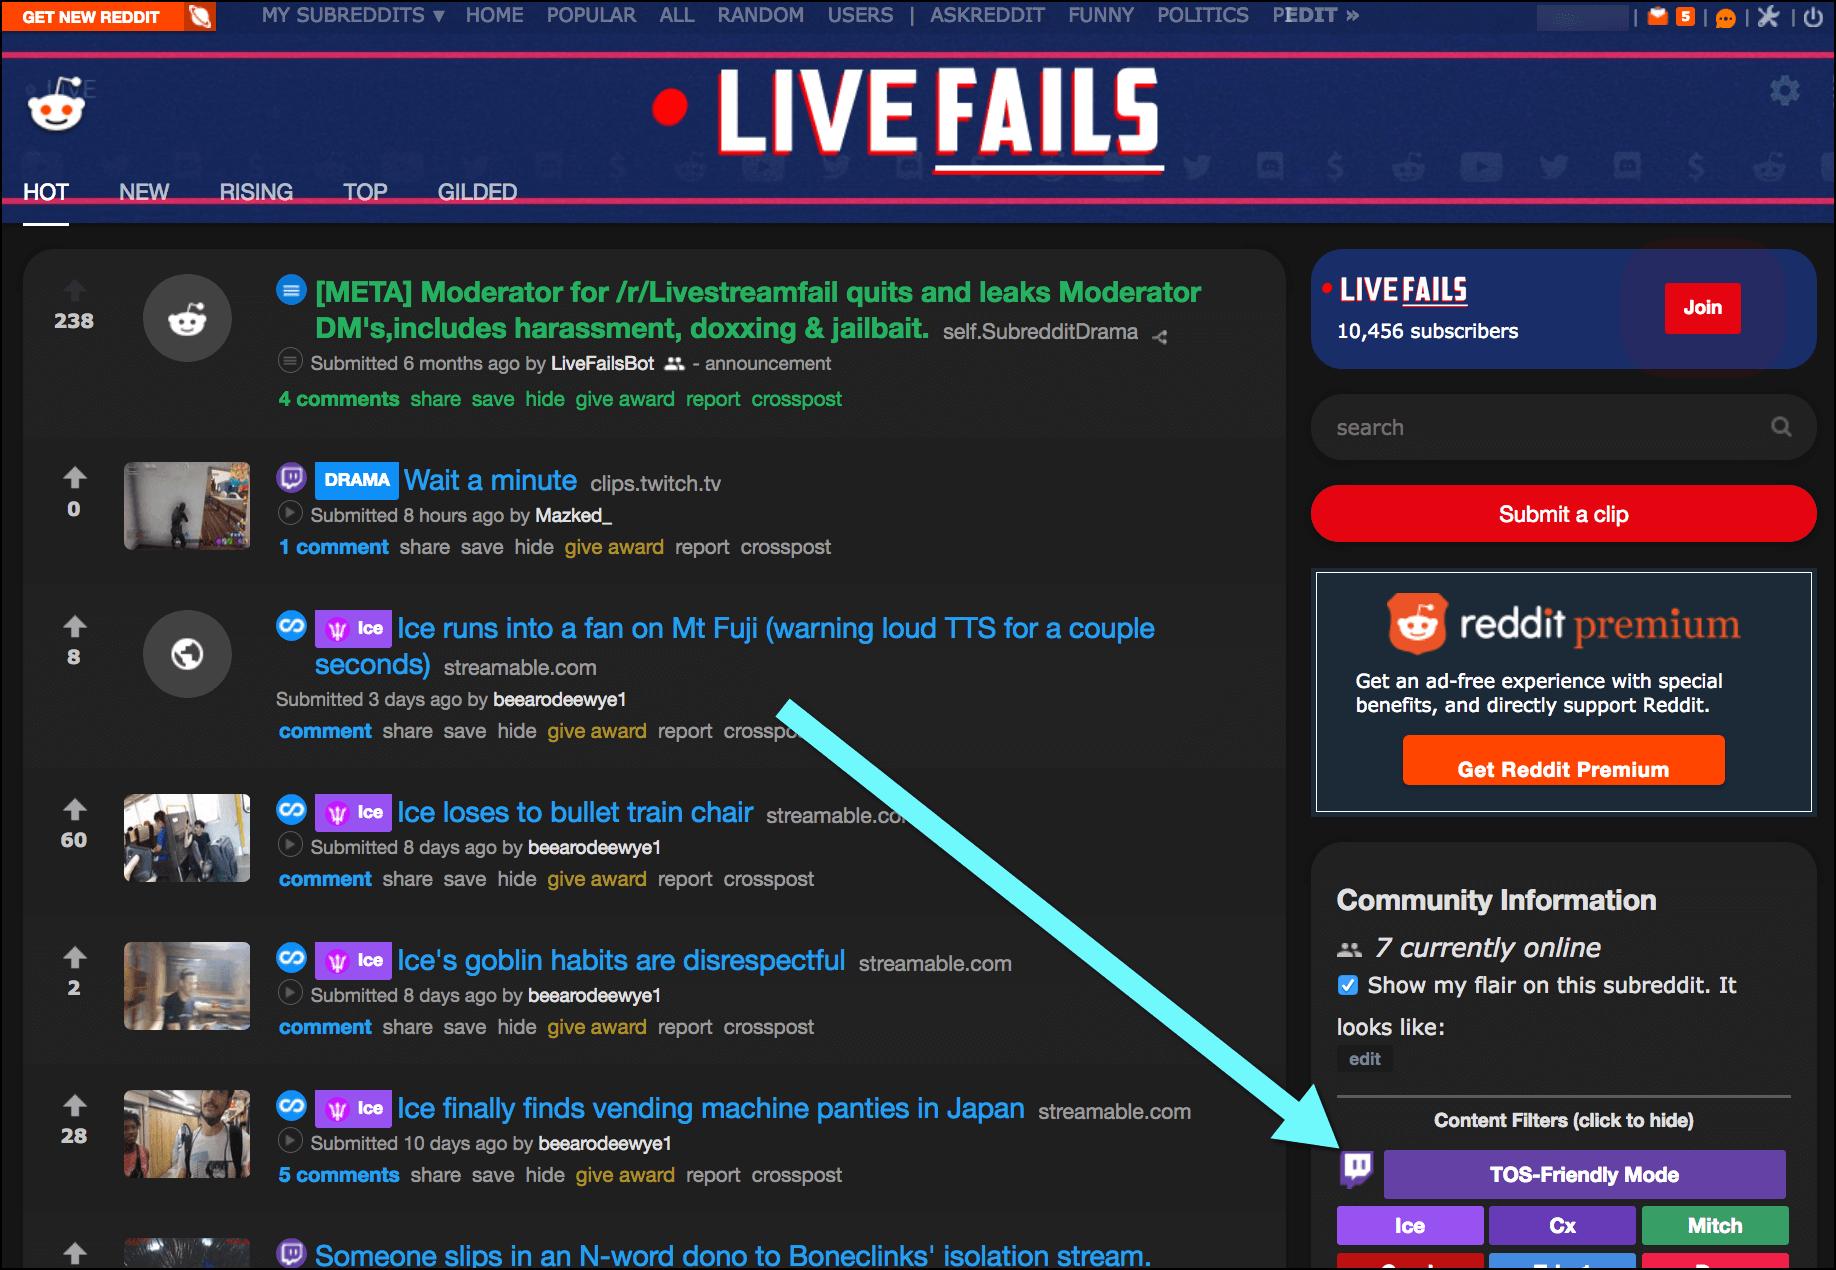 LiveFails